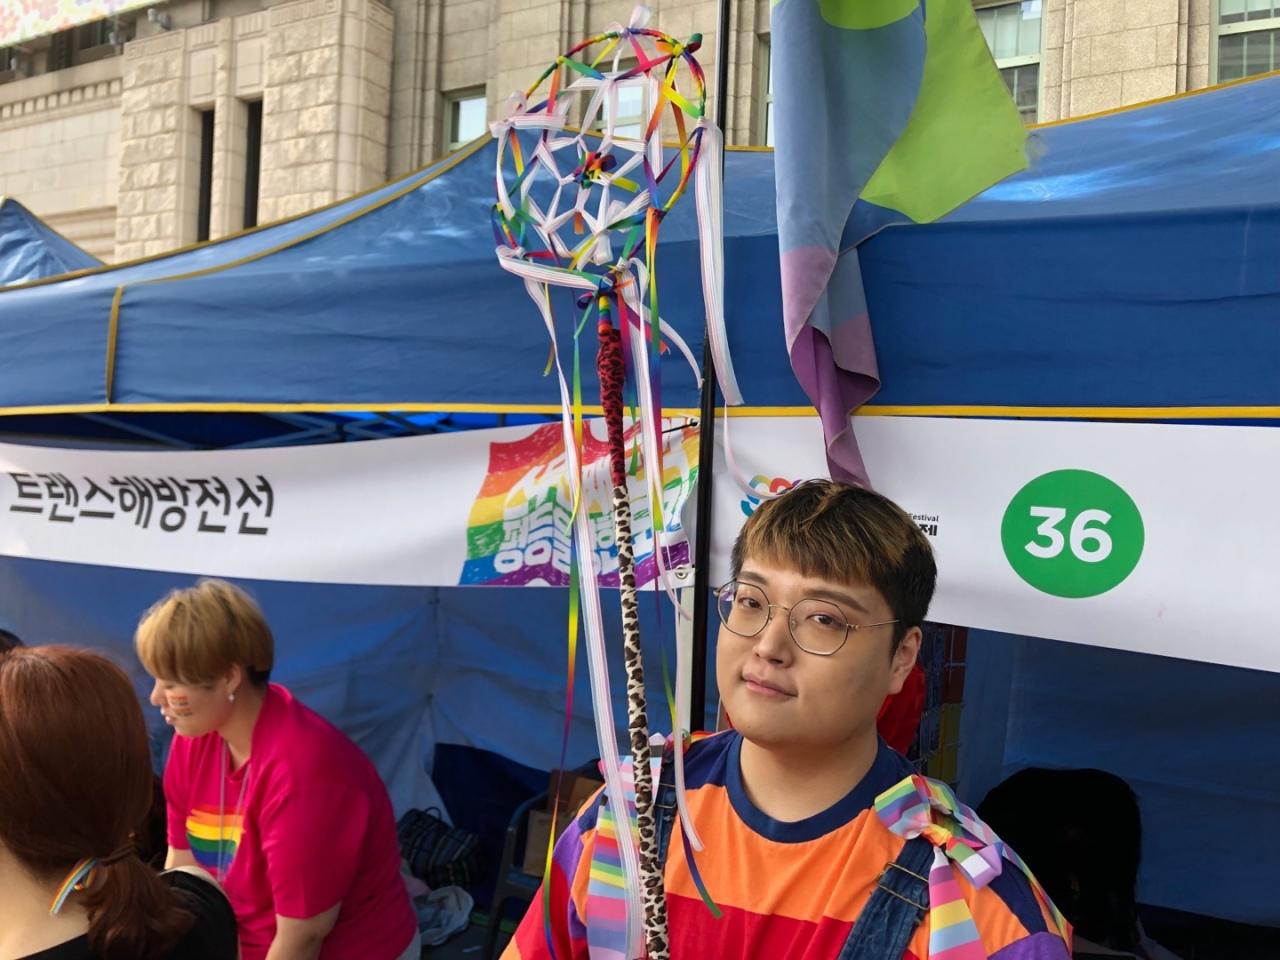 Shin Seung-ju (Ock Hyun-ju/The Korea Herald)